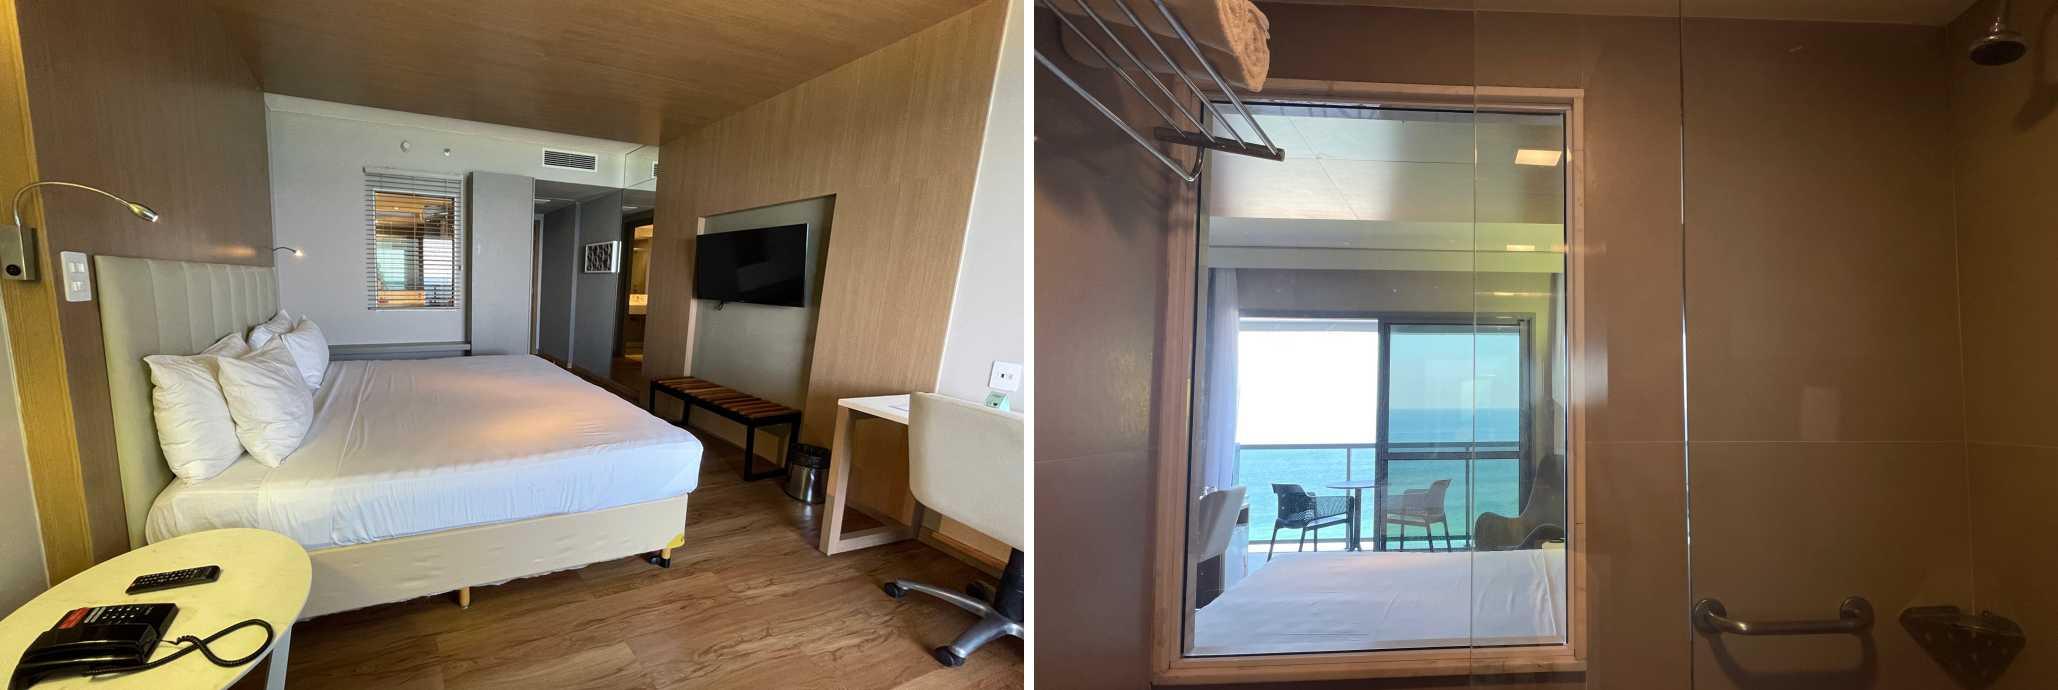 Hotel na Barra Laghetto Stilo banheiro